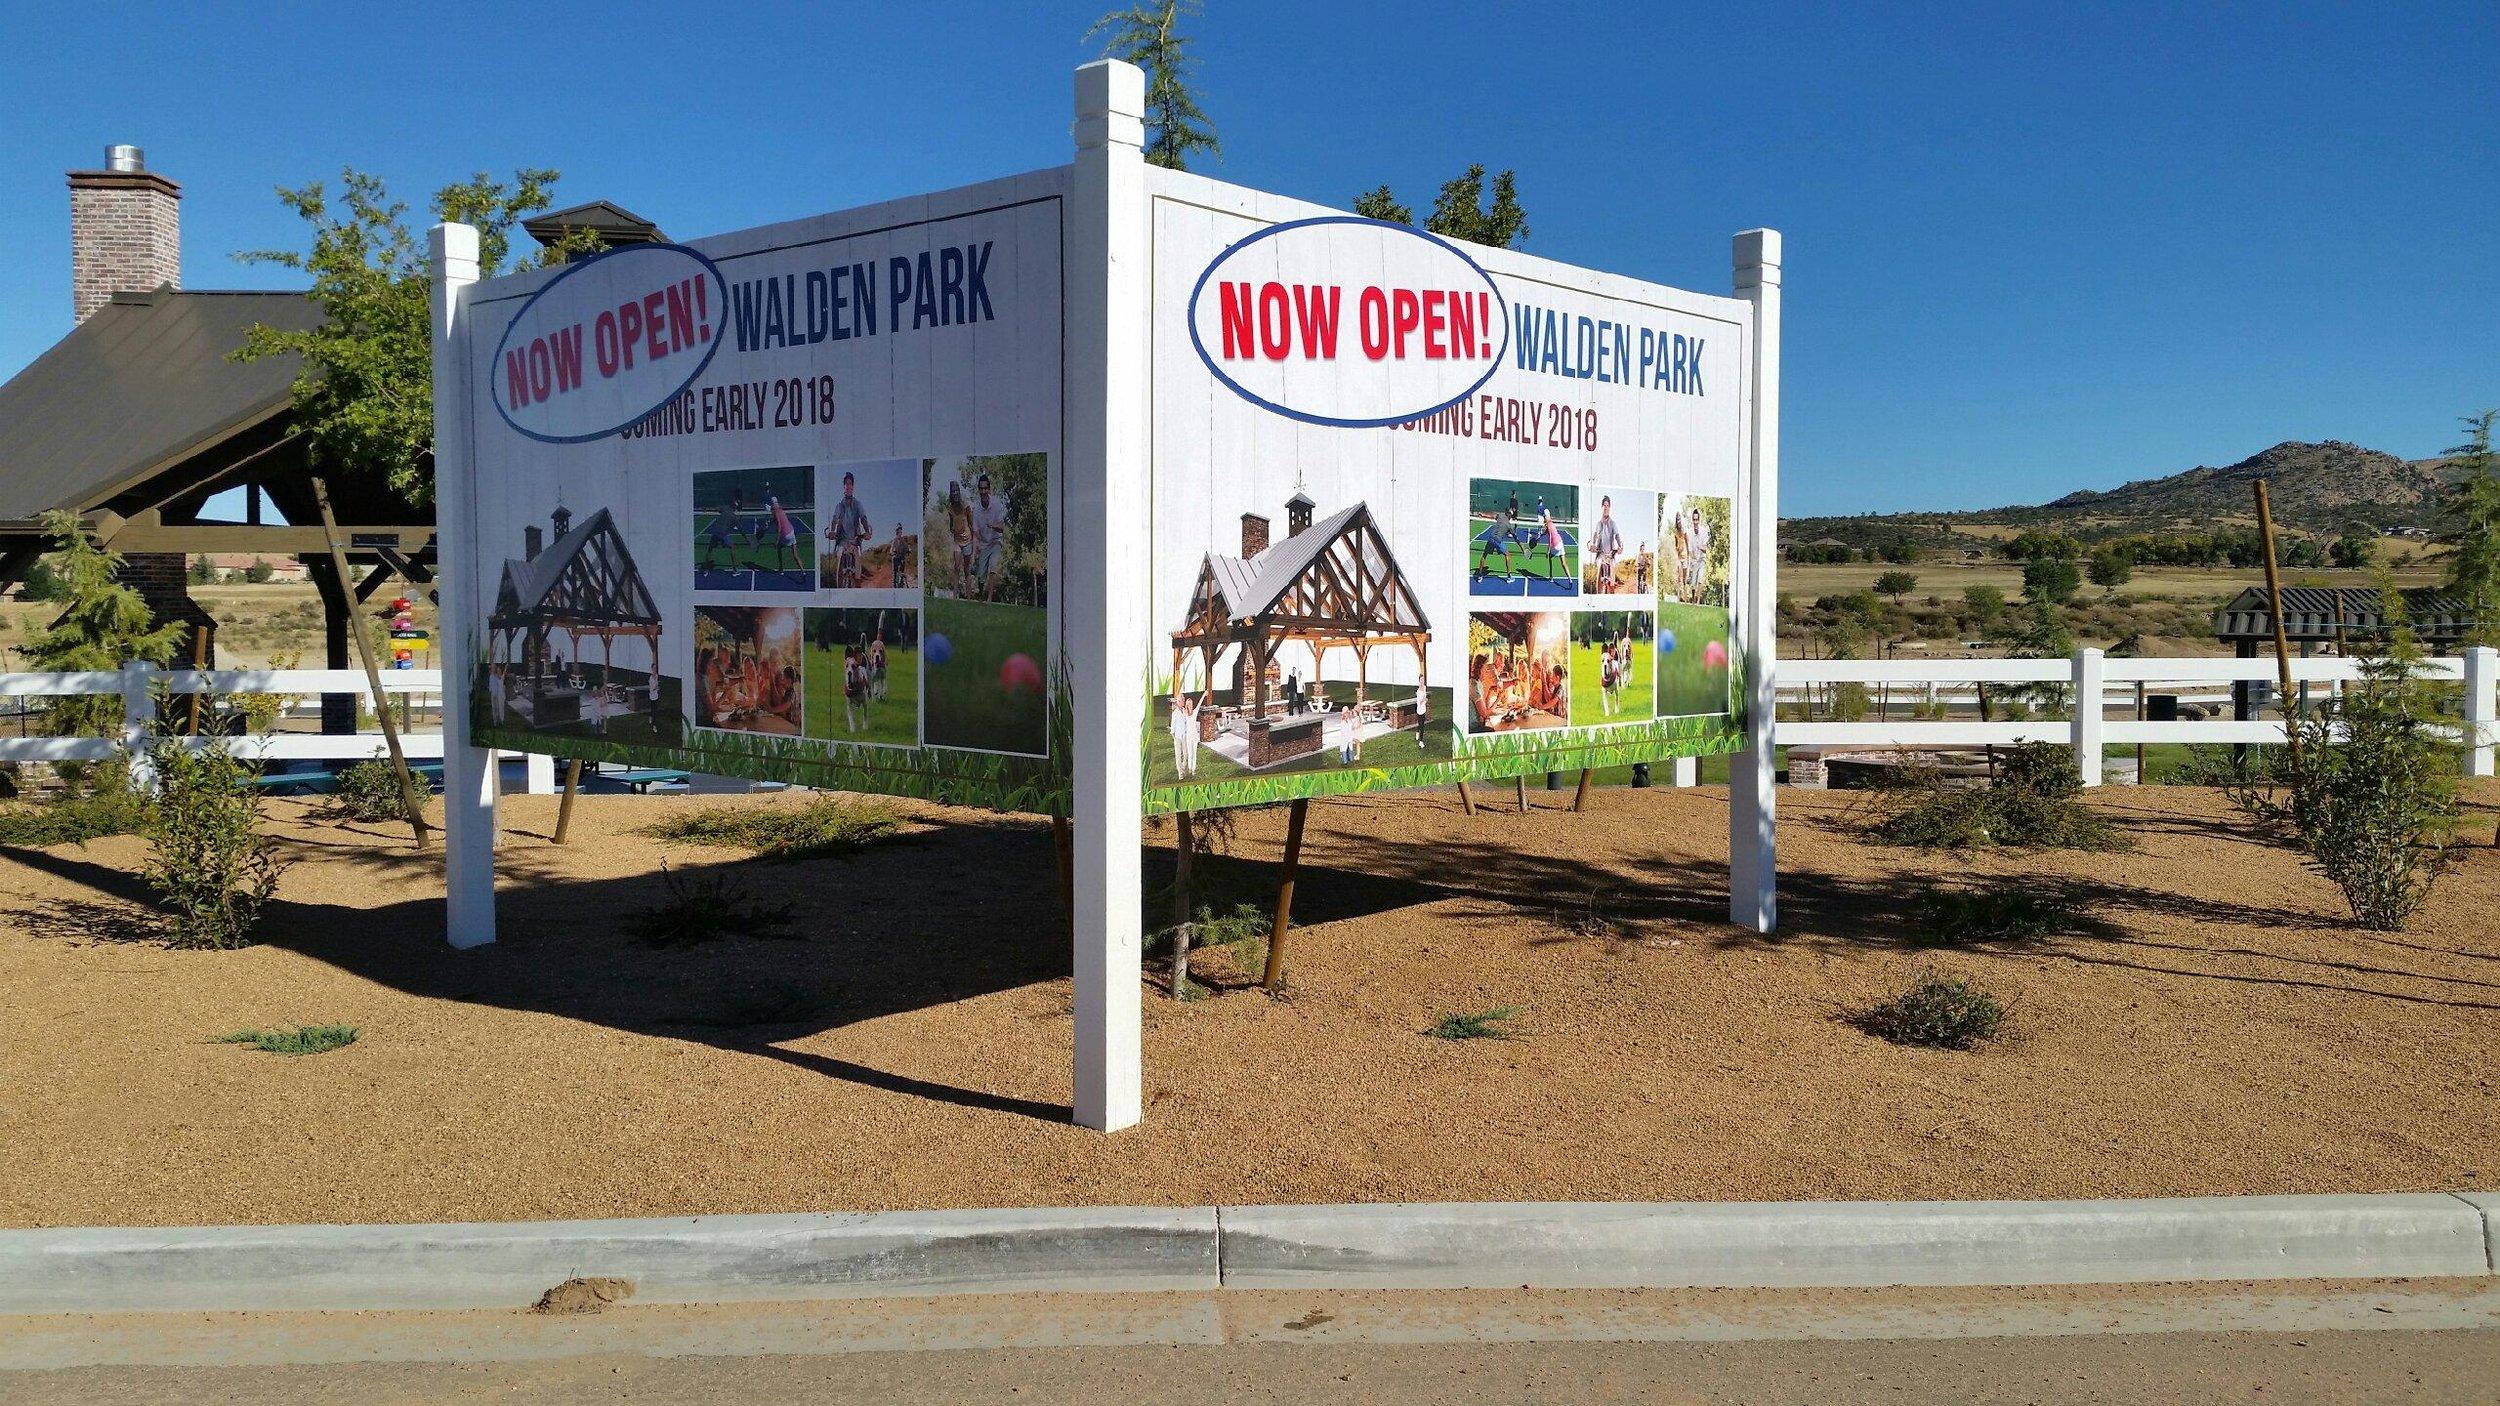 Walden Park Now Open.jpeg